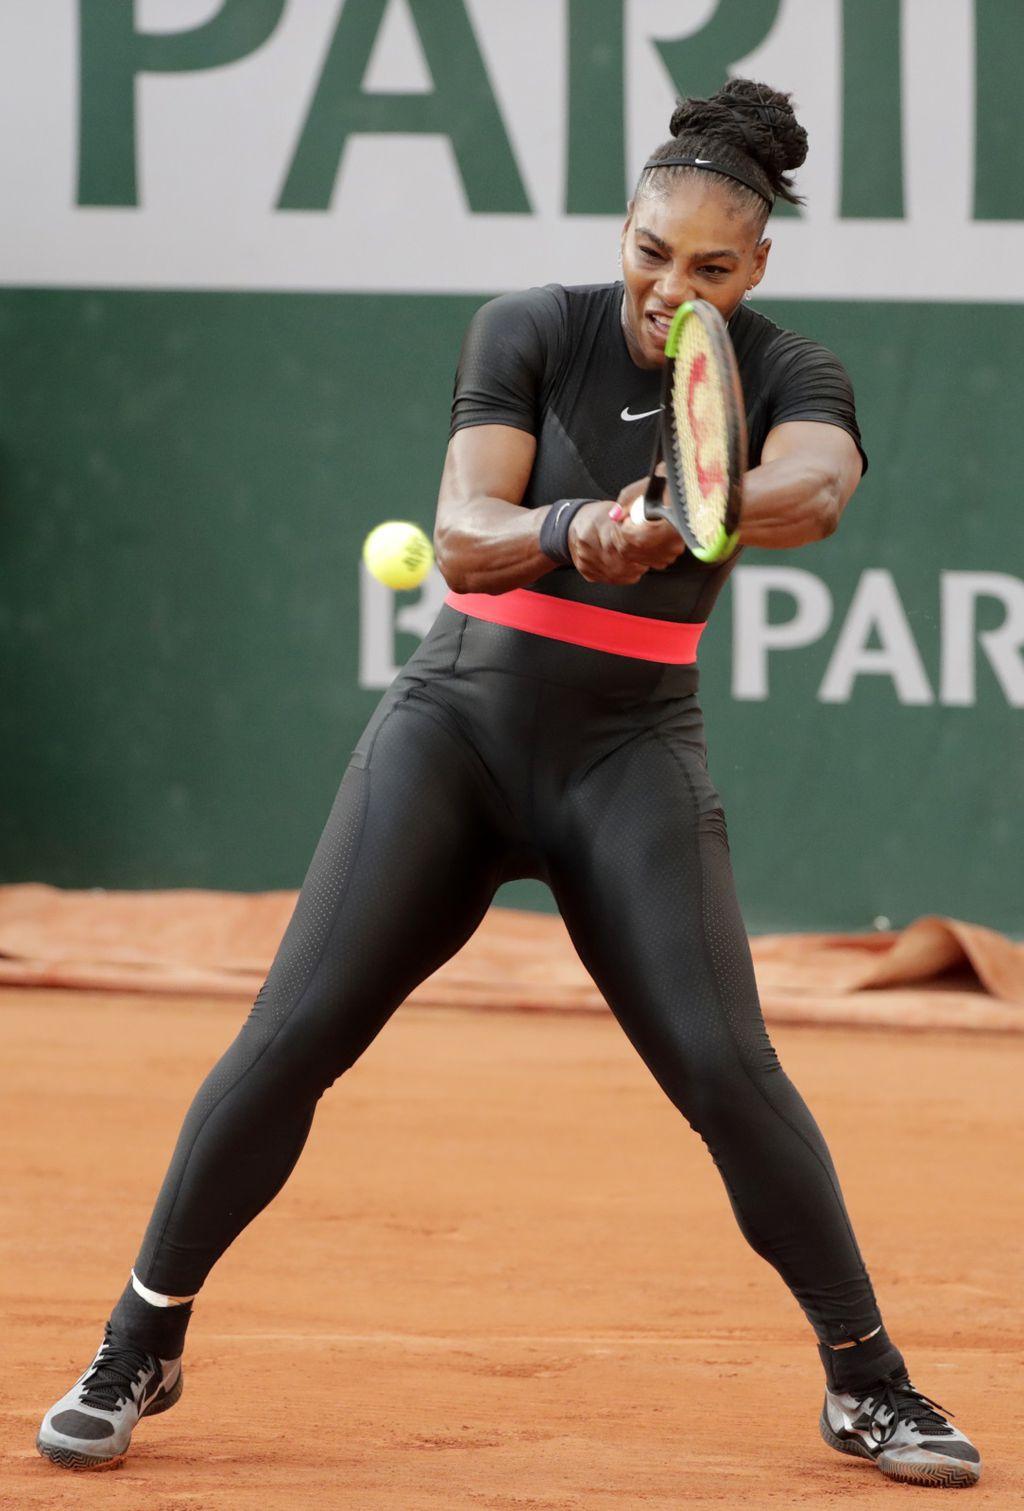 Zbog crnog kostima Serena Williams bila je optužena da krši pravila odijevanja na teniskom terenu